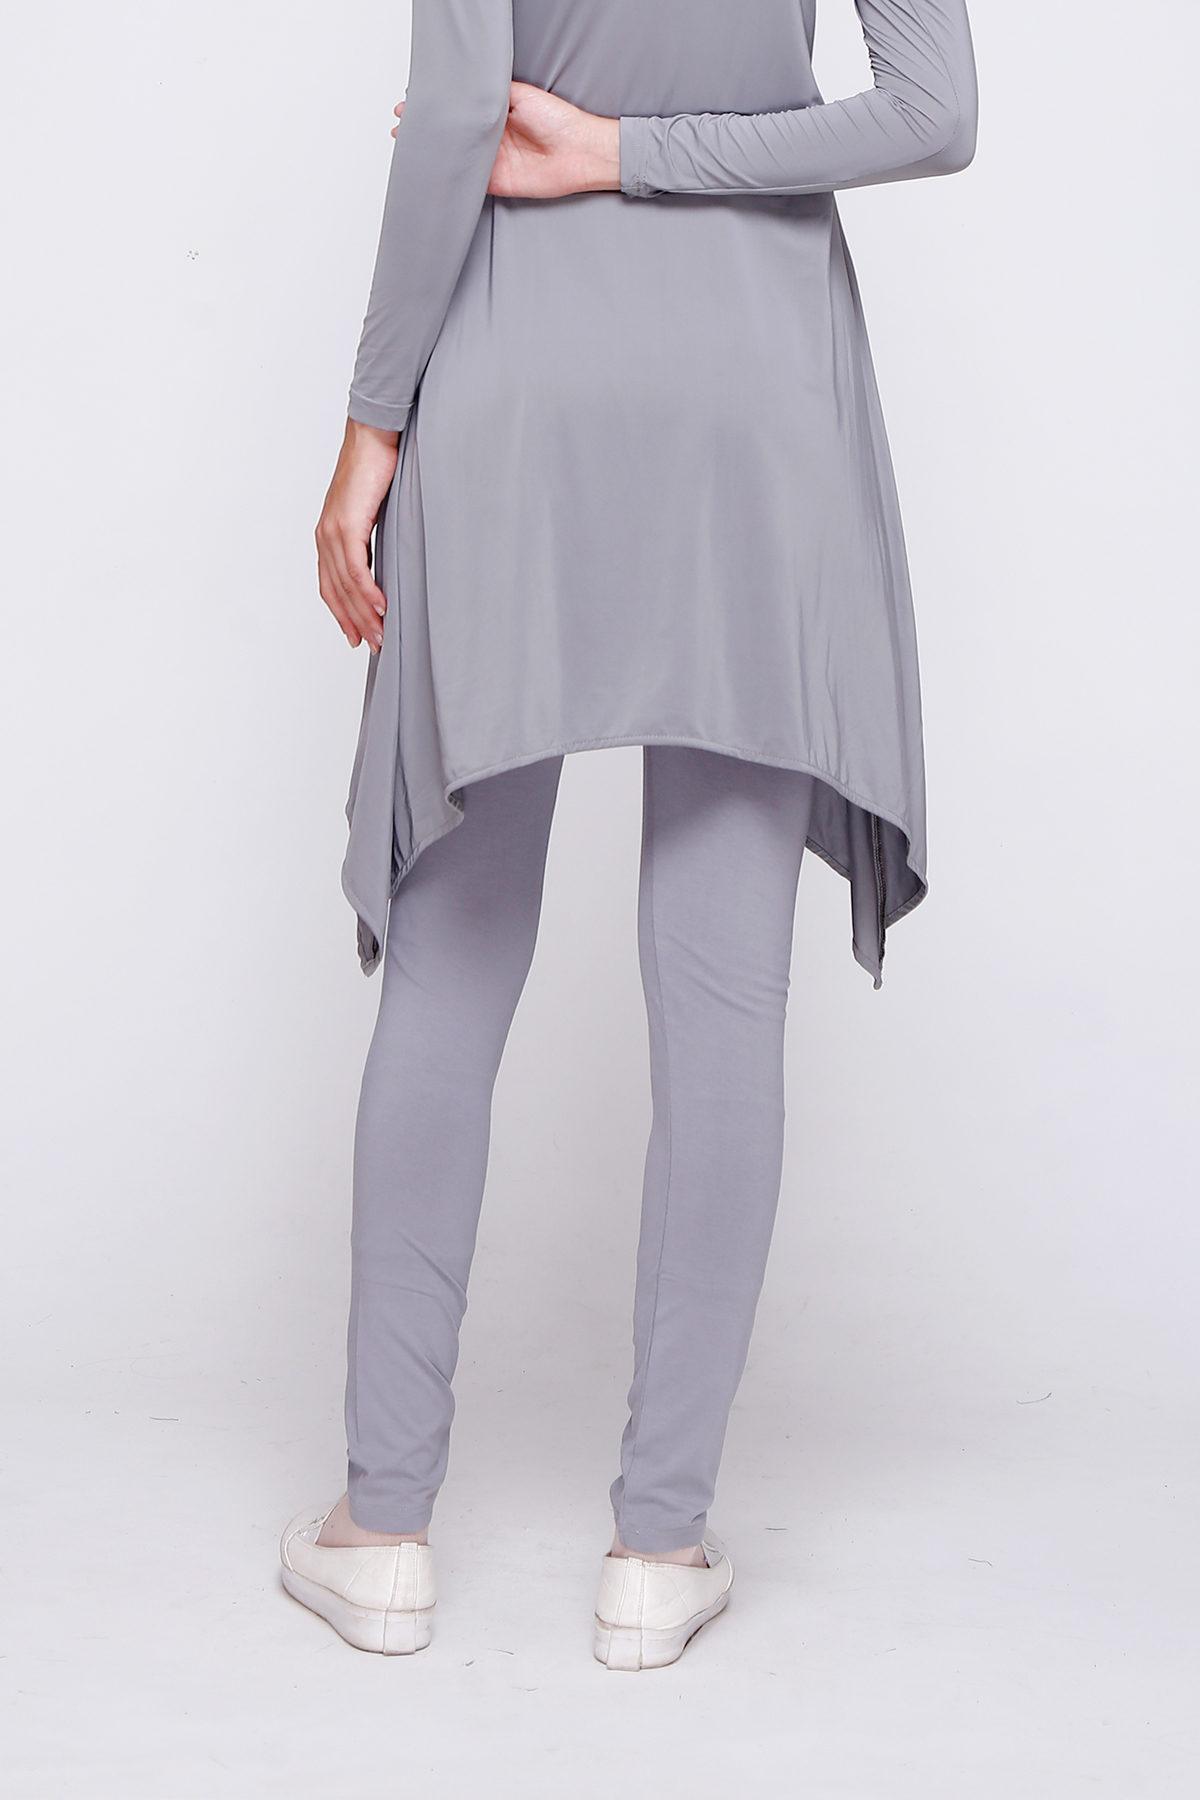 Legging-Grey-3